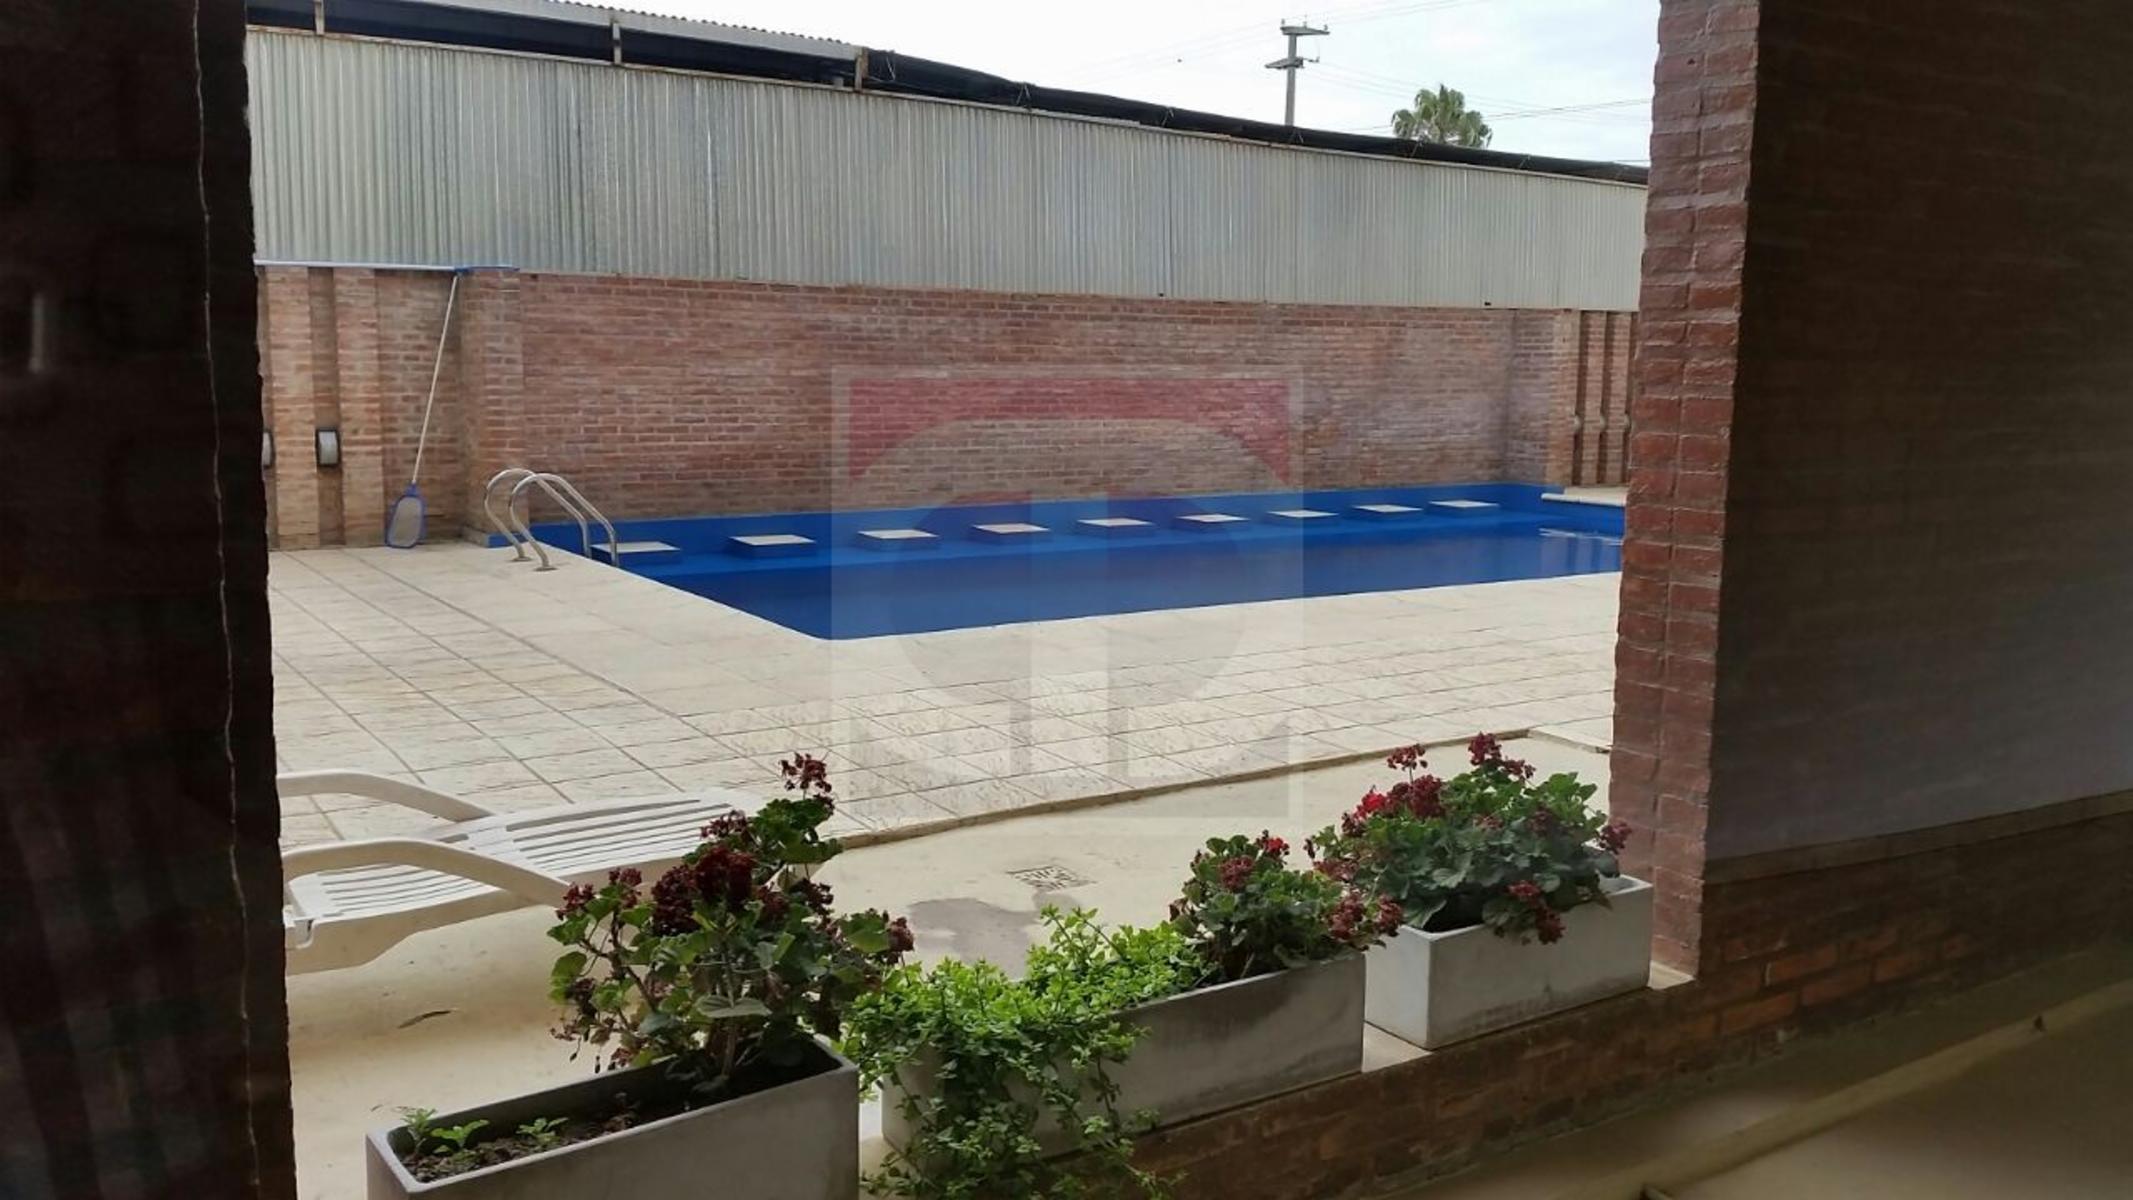 Venta departamento en jardines de Villa Elvina, DAIANA DOMINGUEZ NEGOCIOS INMOBILIARIOS